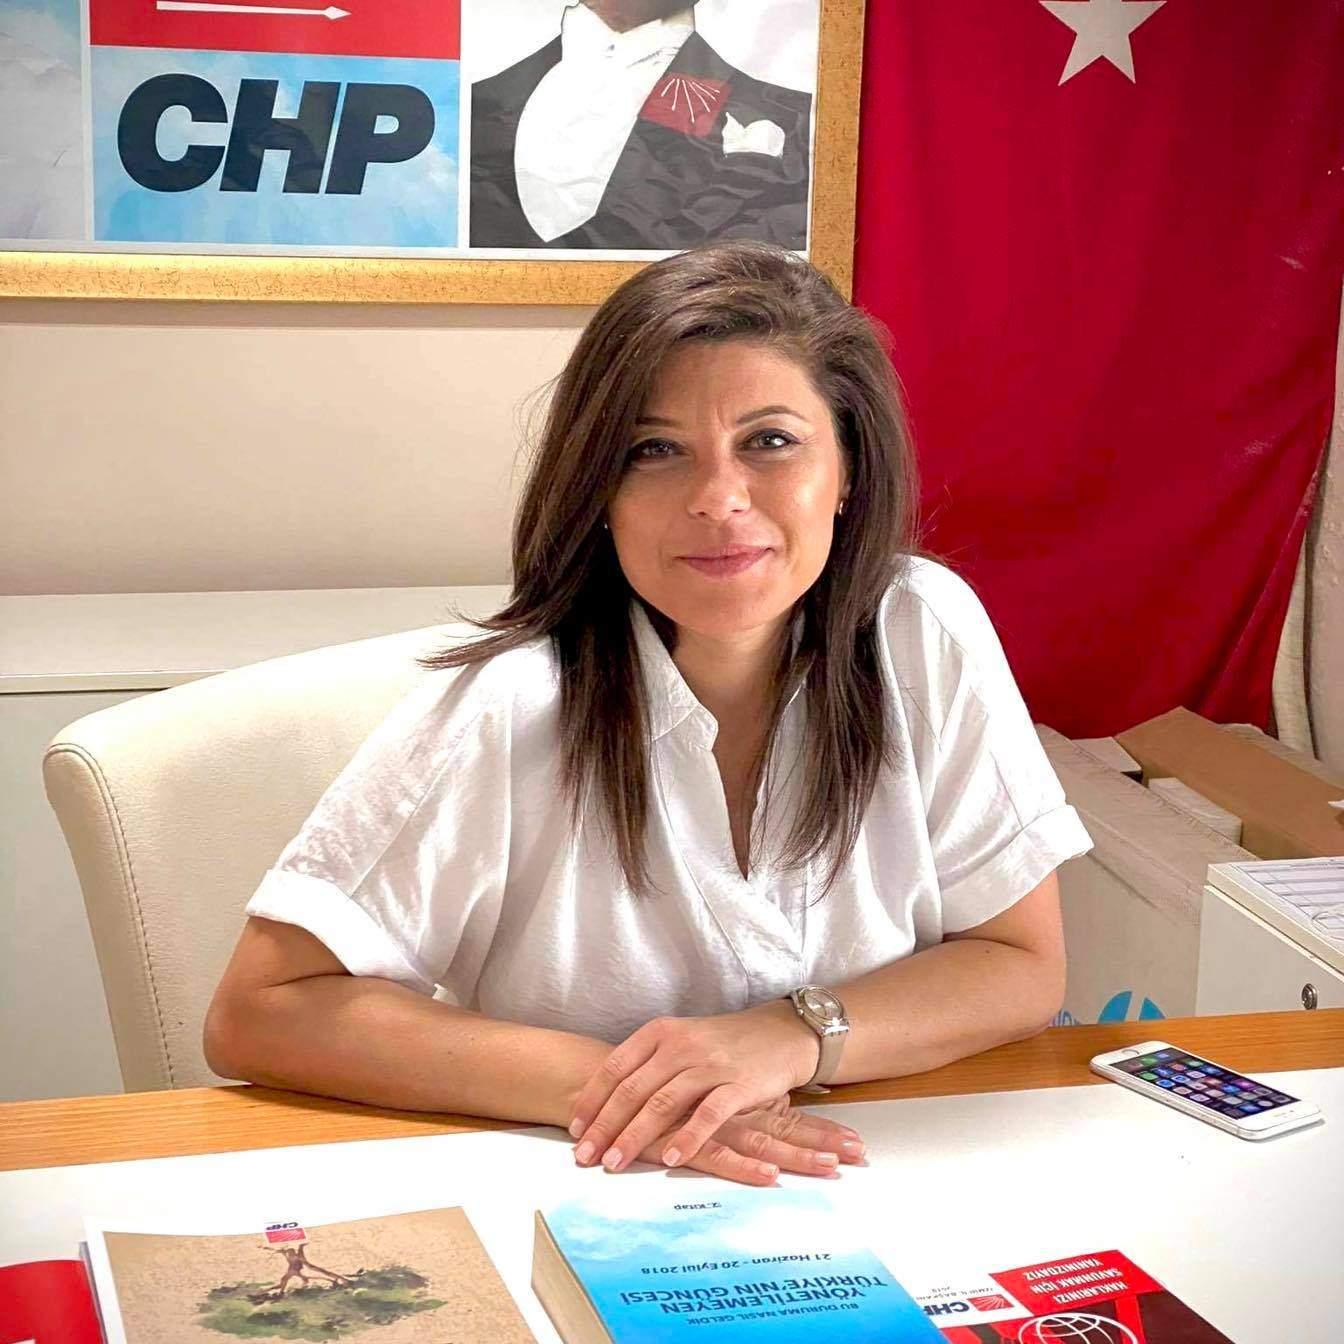 CHP İZMİR'DEN 8 MART İÇİN ÇARPICI MESAJ :'TÜRKİYE BİR YOL AYRIMINDA'